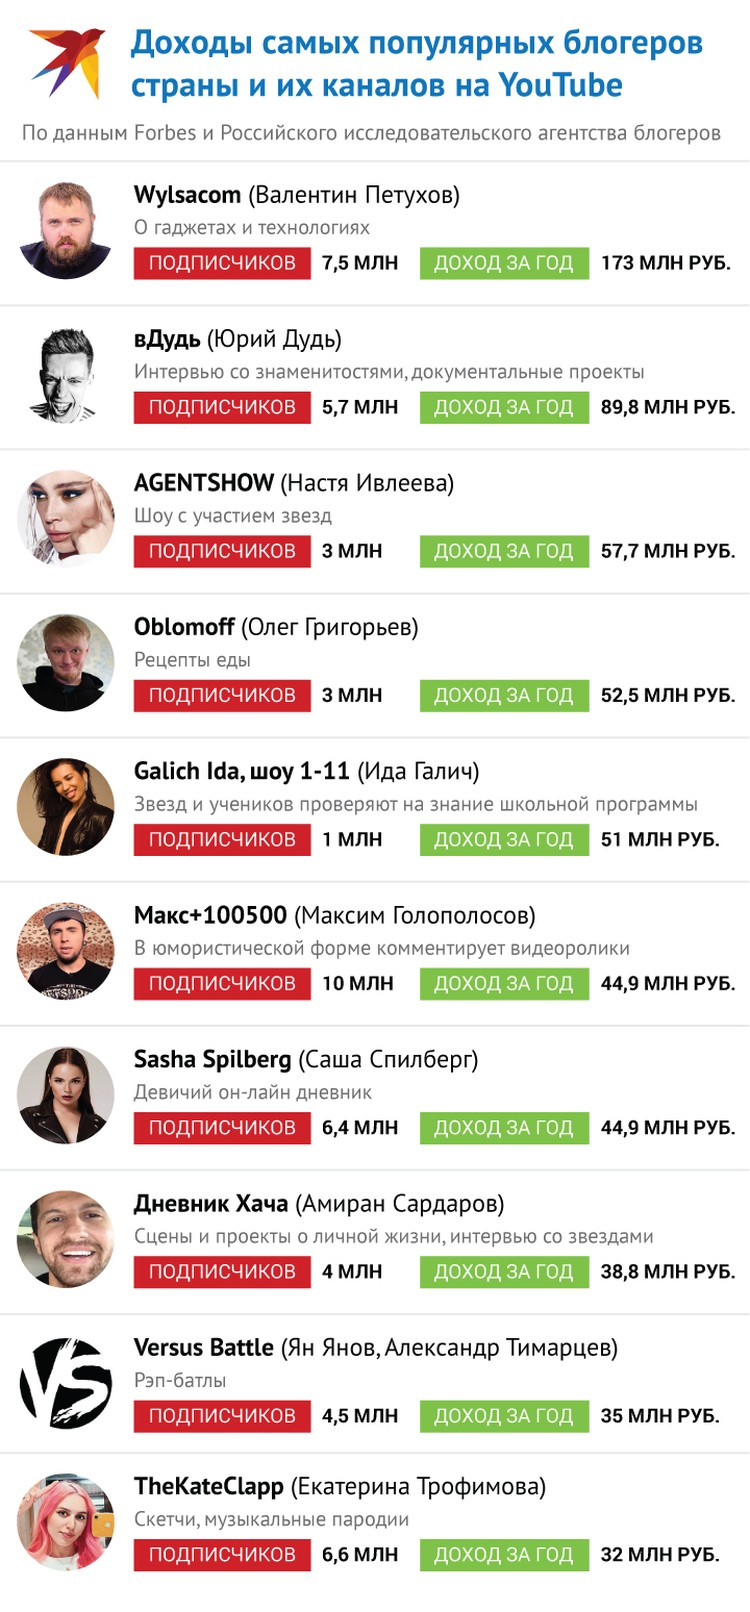 Доходы самых популярных блогеров страны и их каналов на YouTube